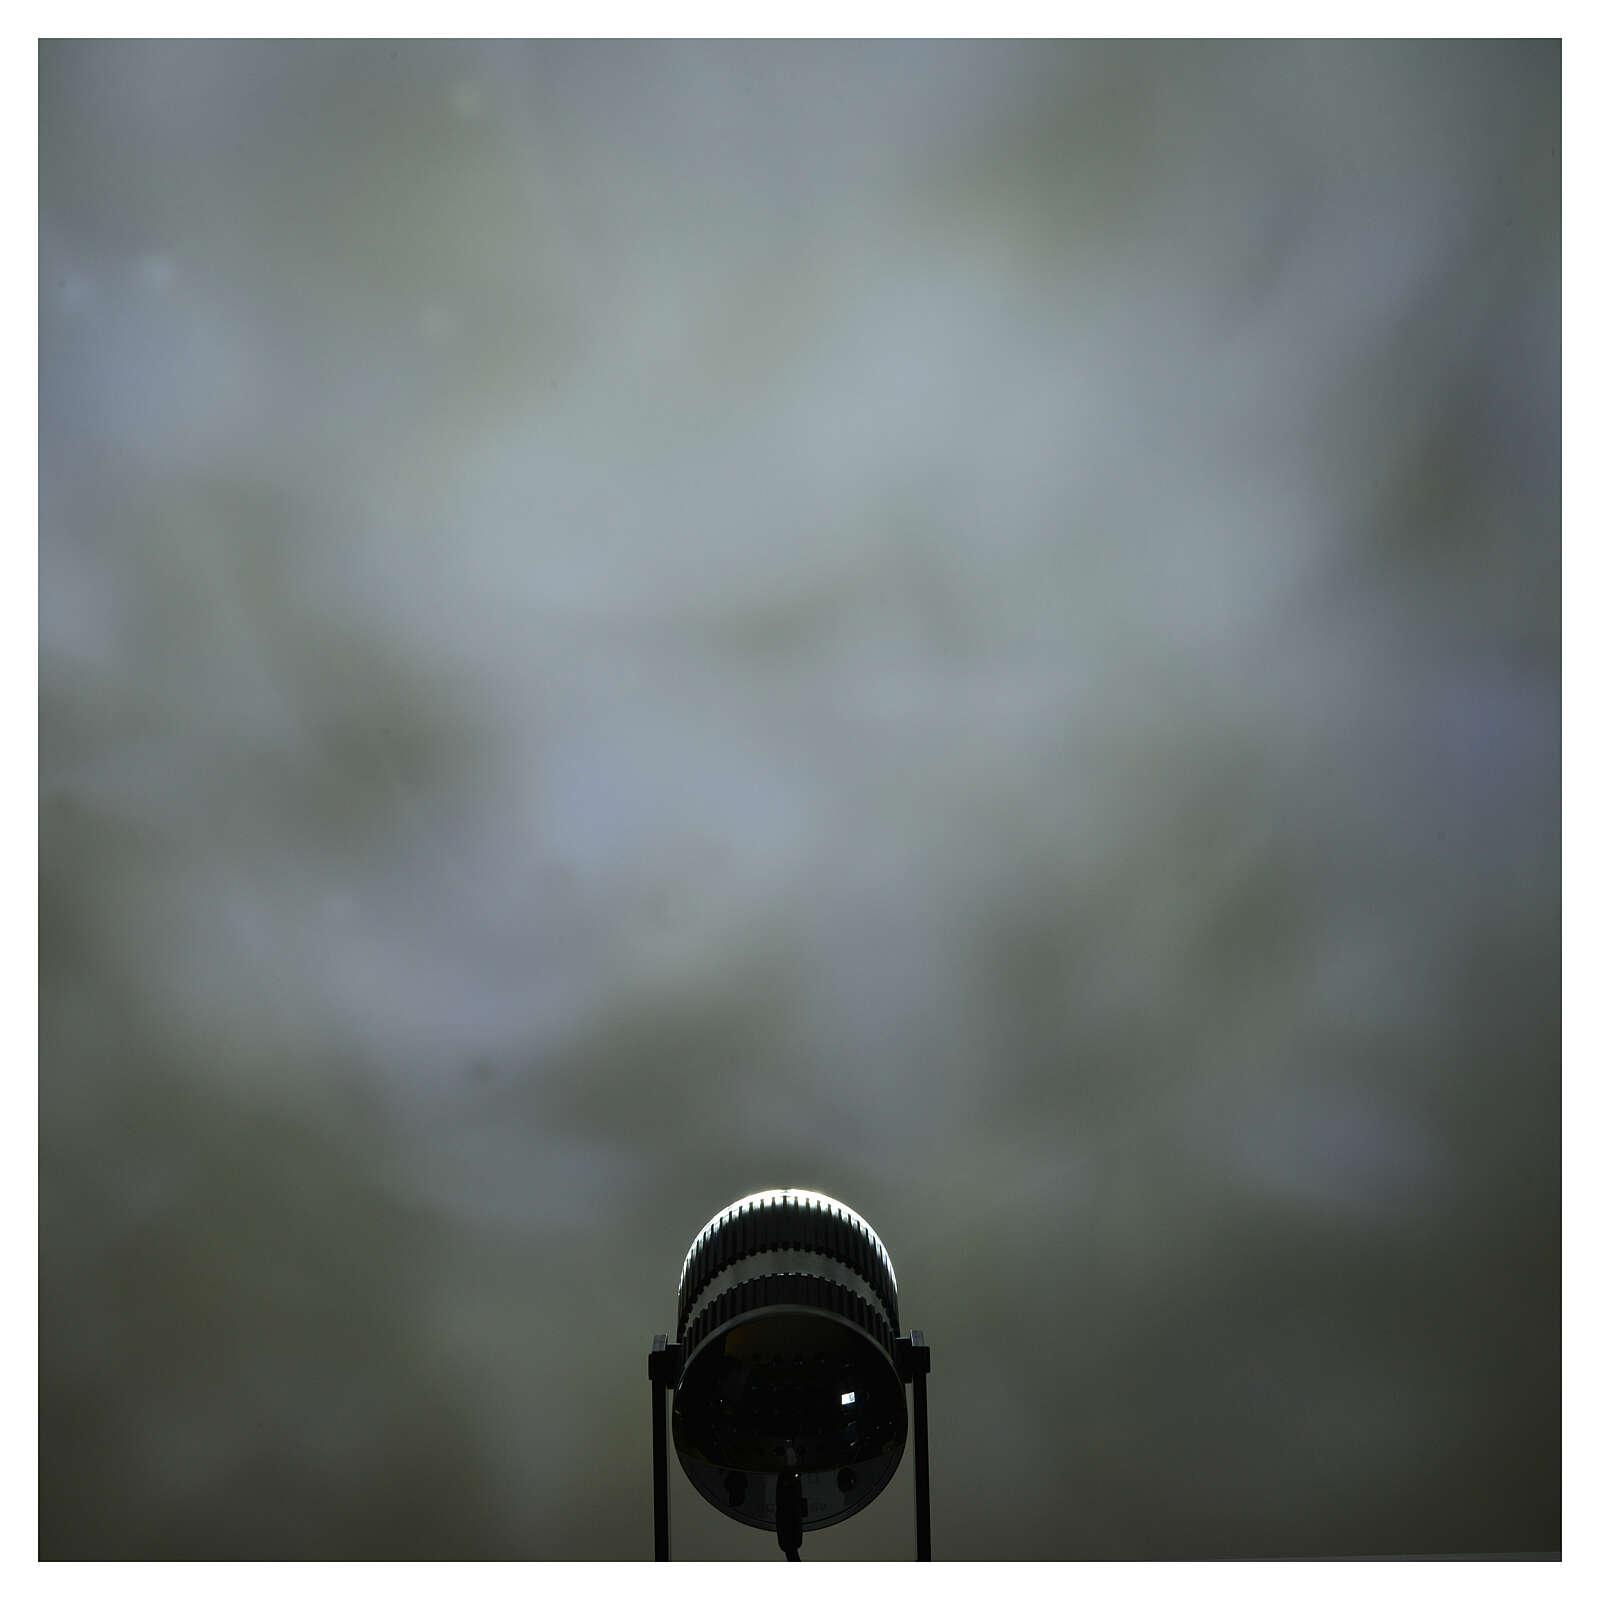 Projector de nuvens 4